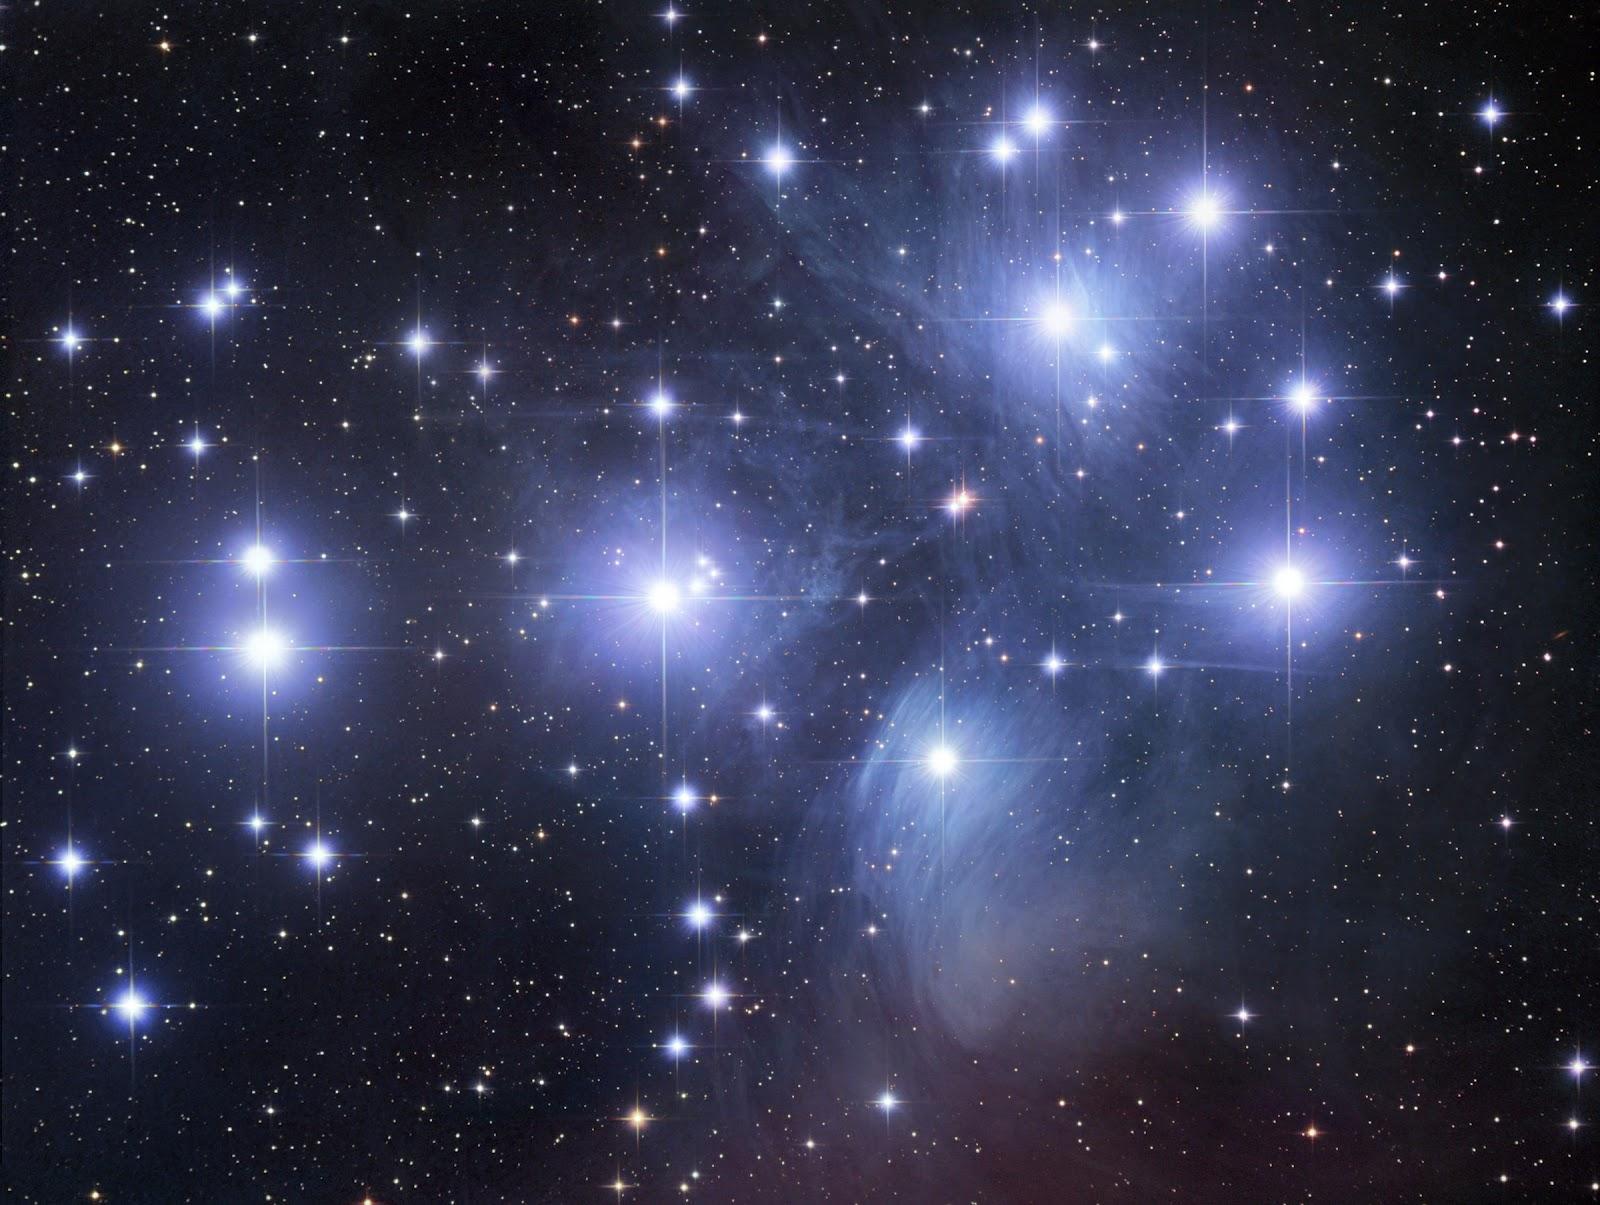 ... estrellas cuya posición en el cielo nocturno es aproximadamente y